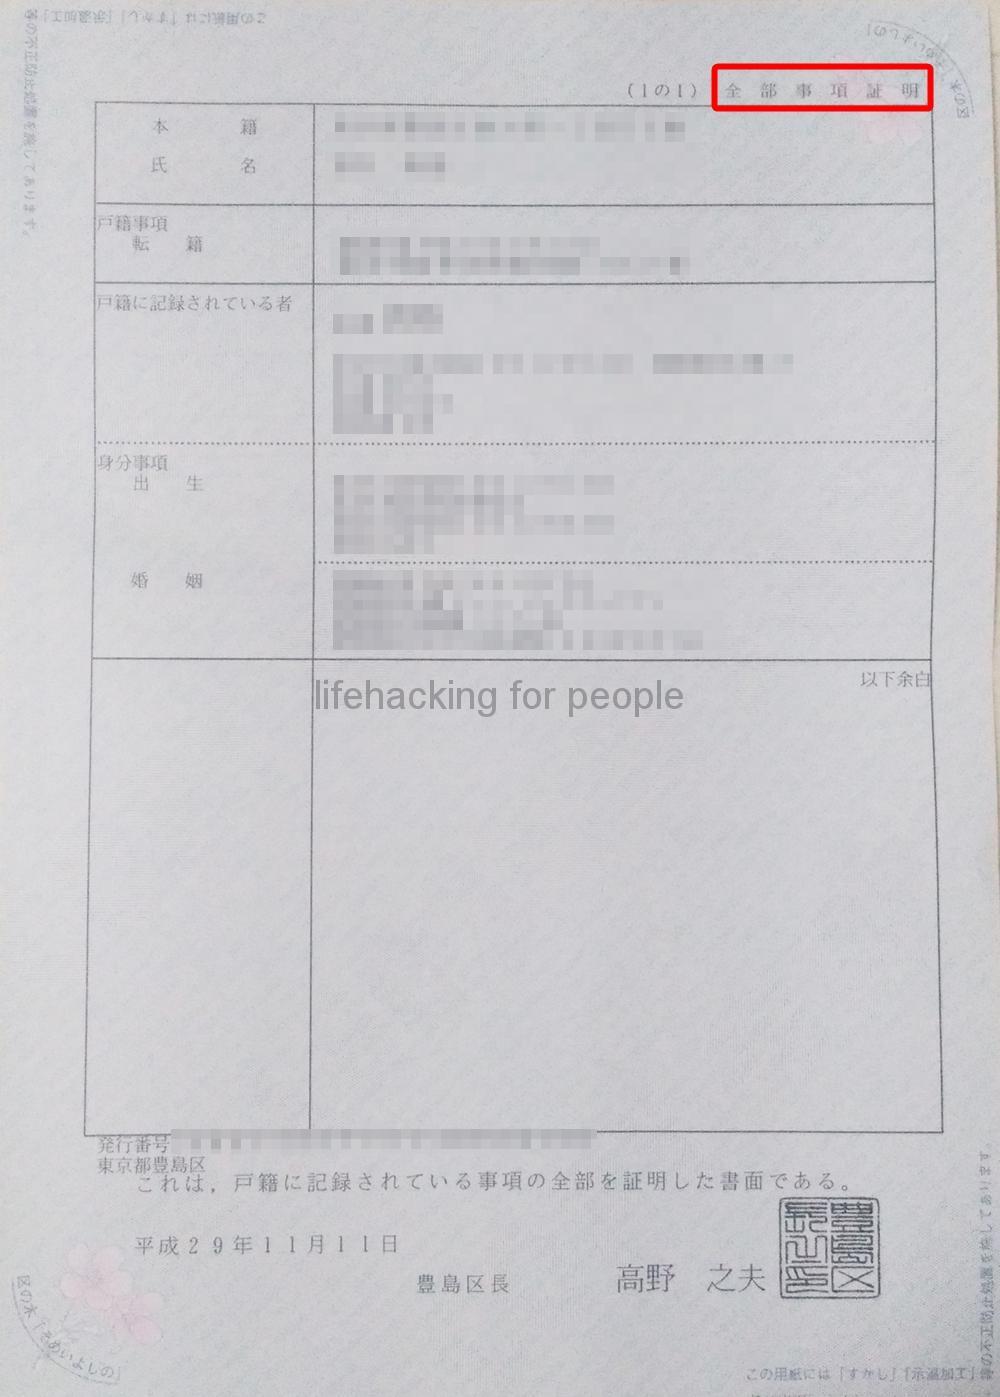 戸籍謄本(全部事項証明)